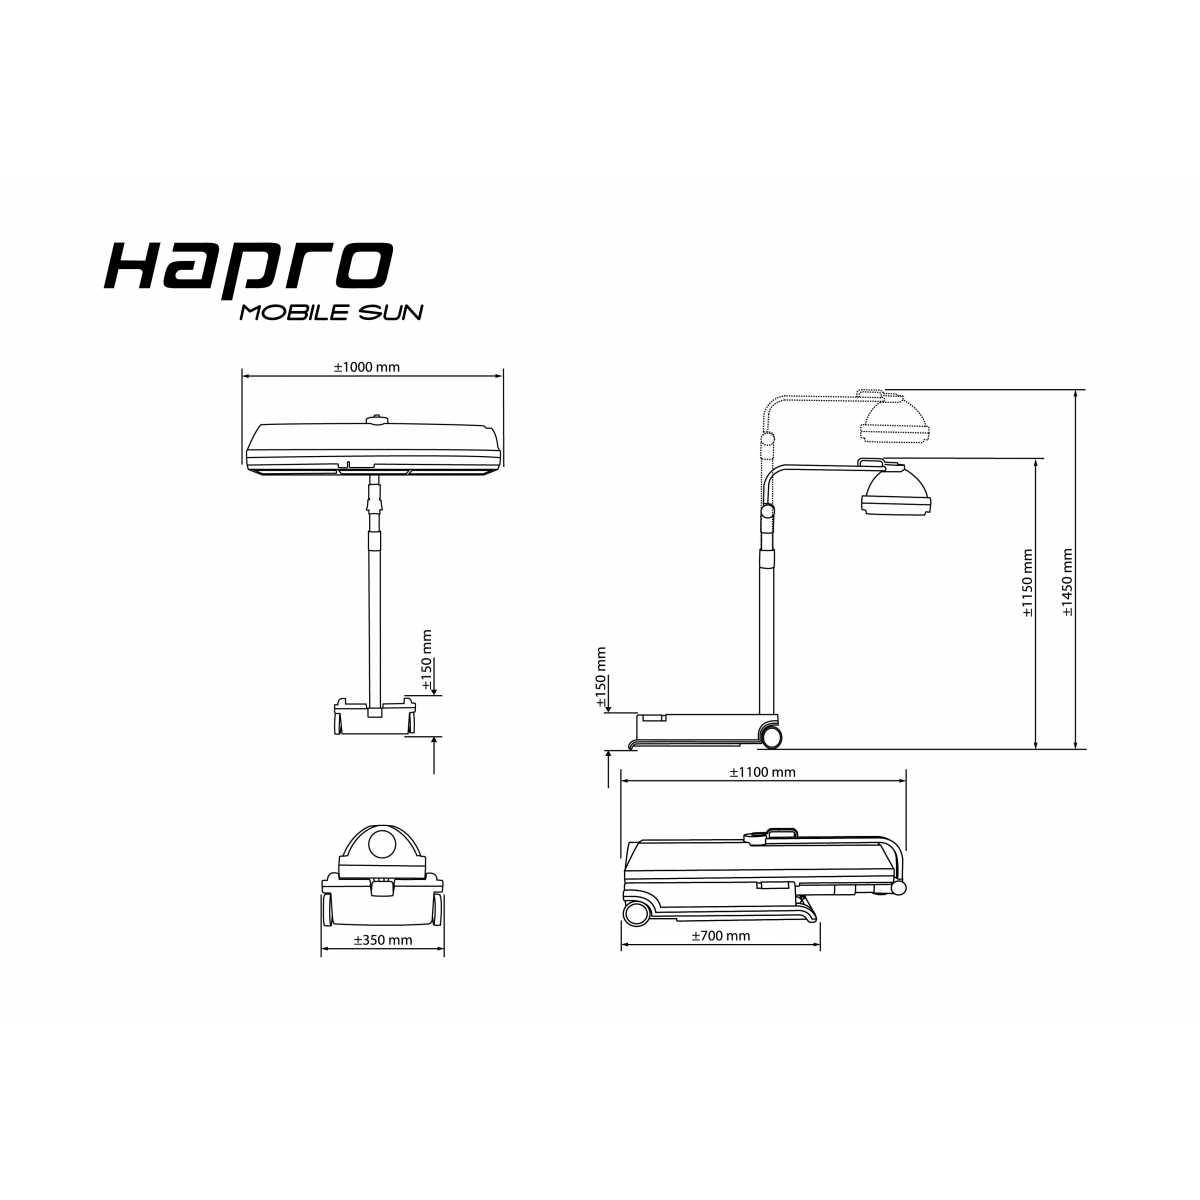 Hapro MobileSun HP 8540 Solarium, compact